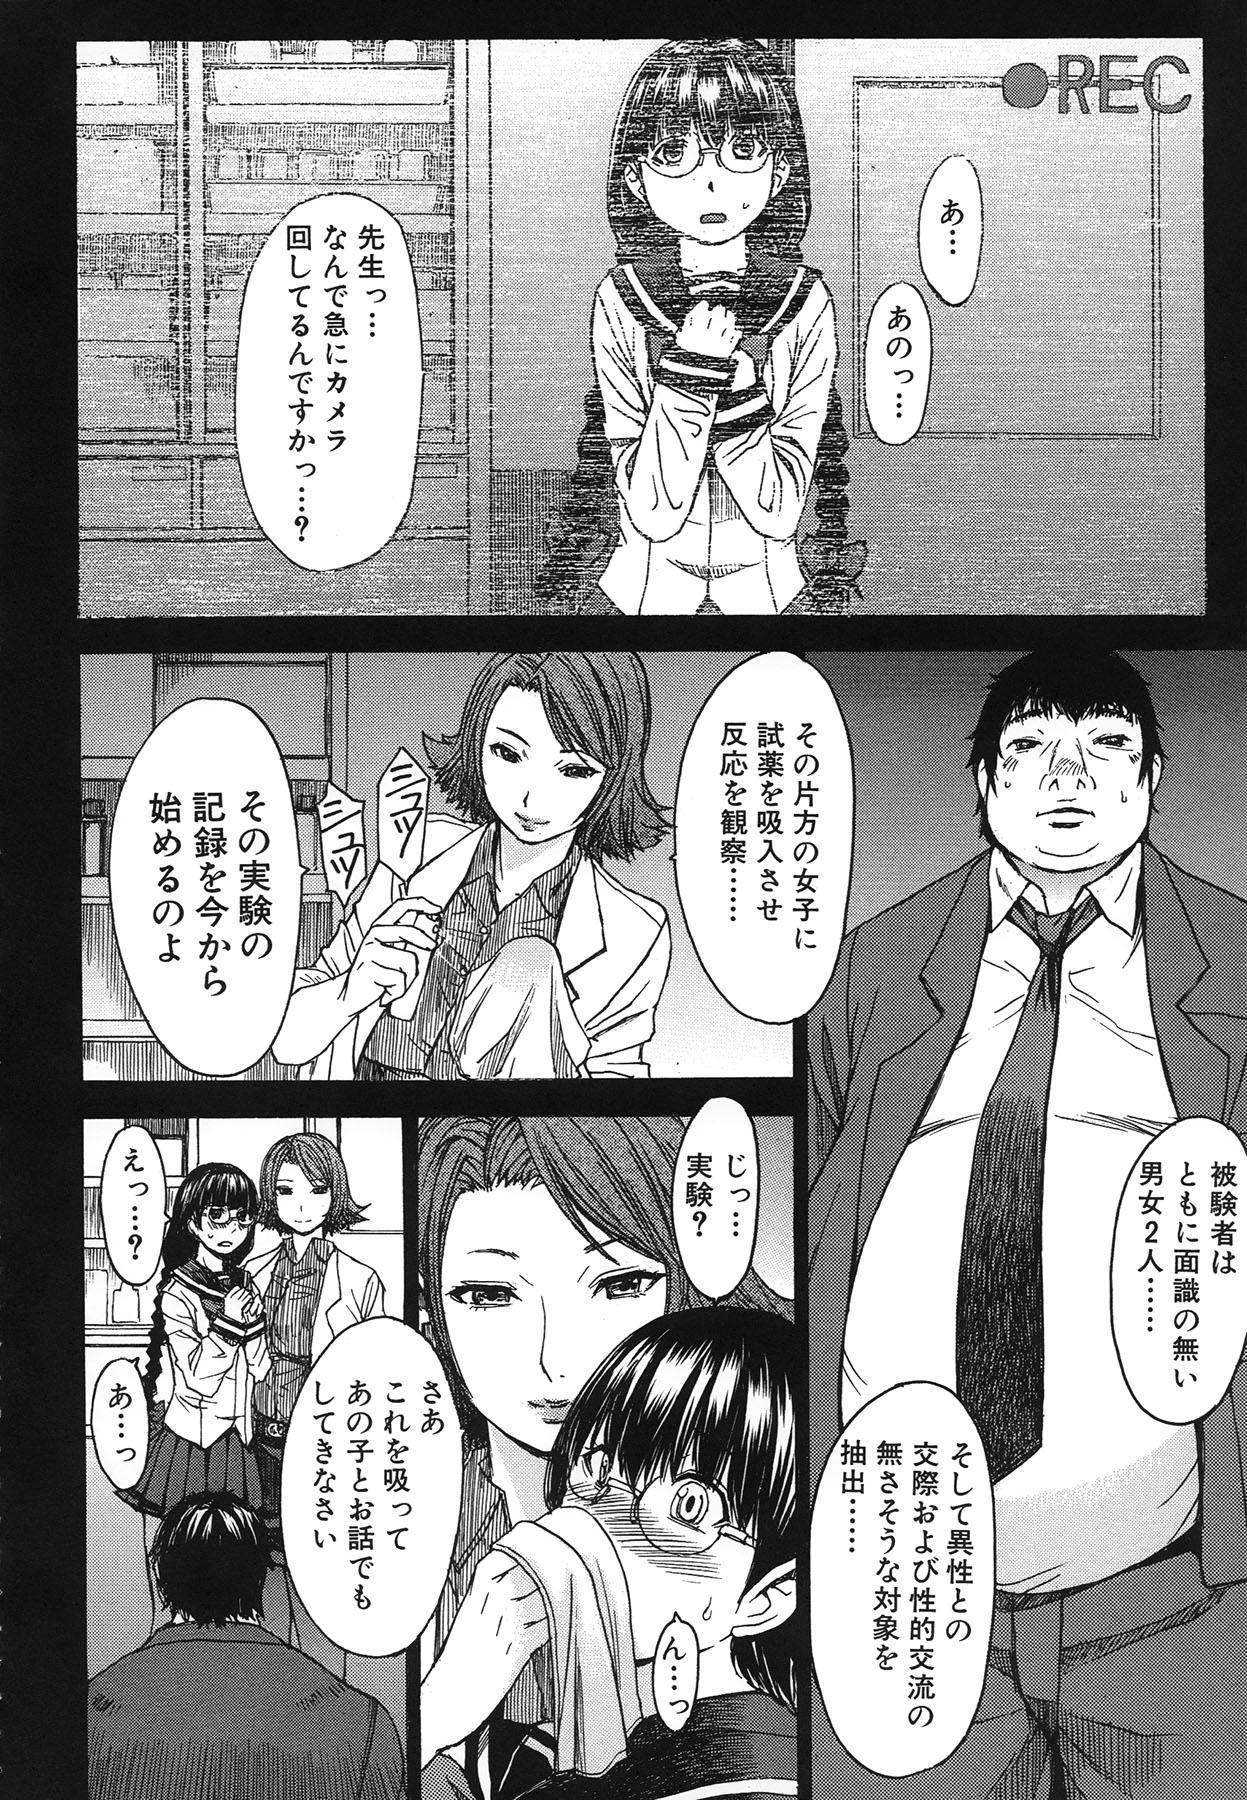 Ashigami 125